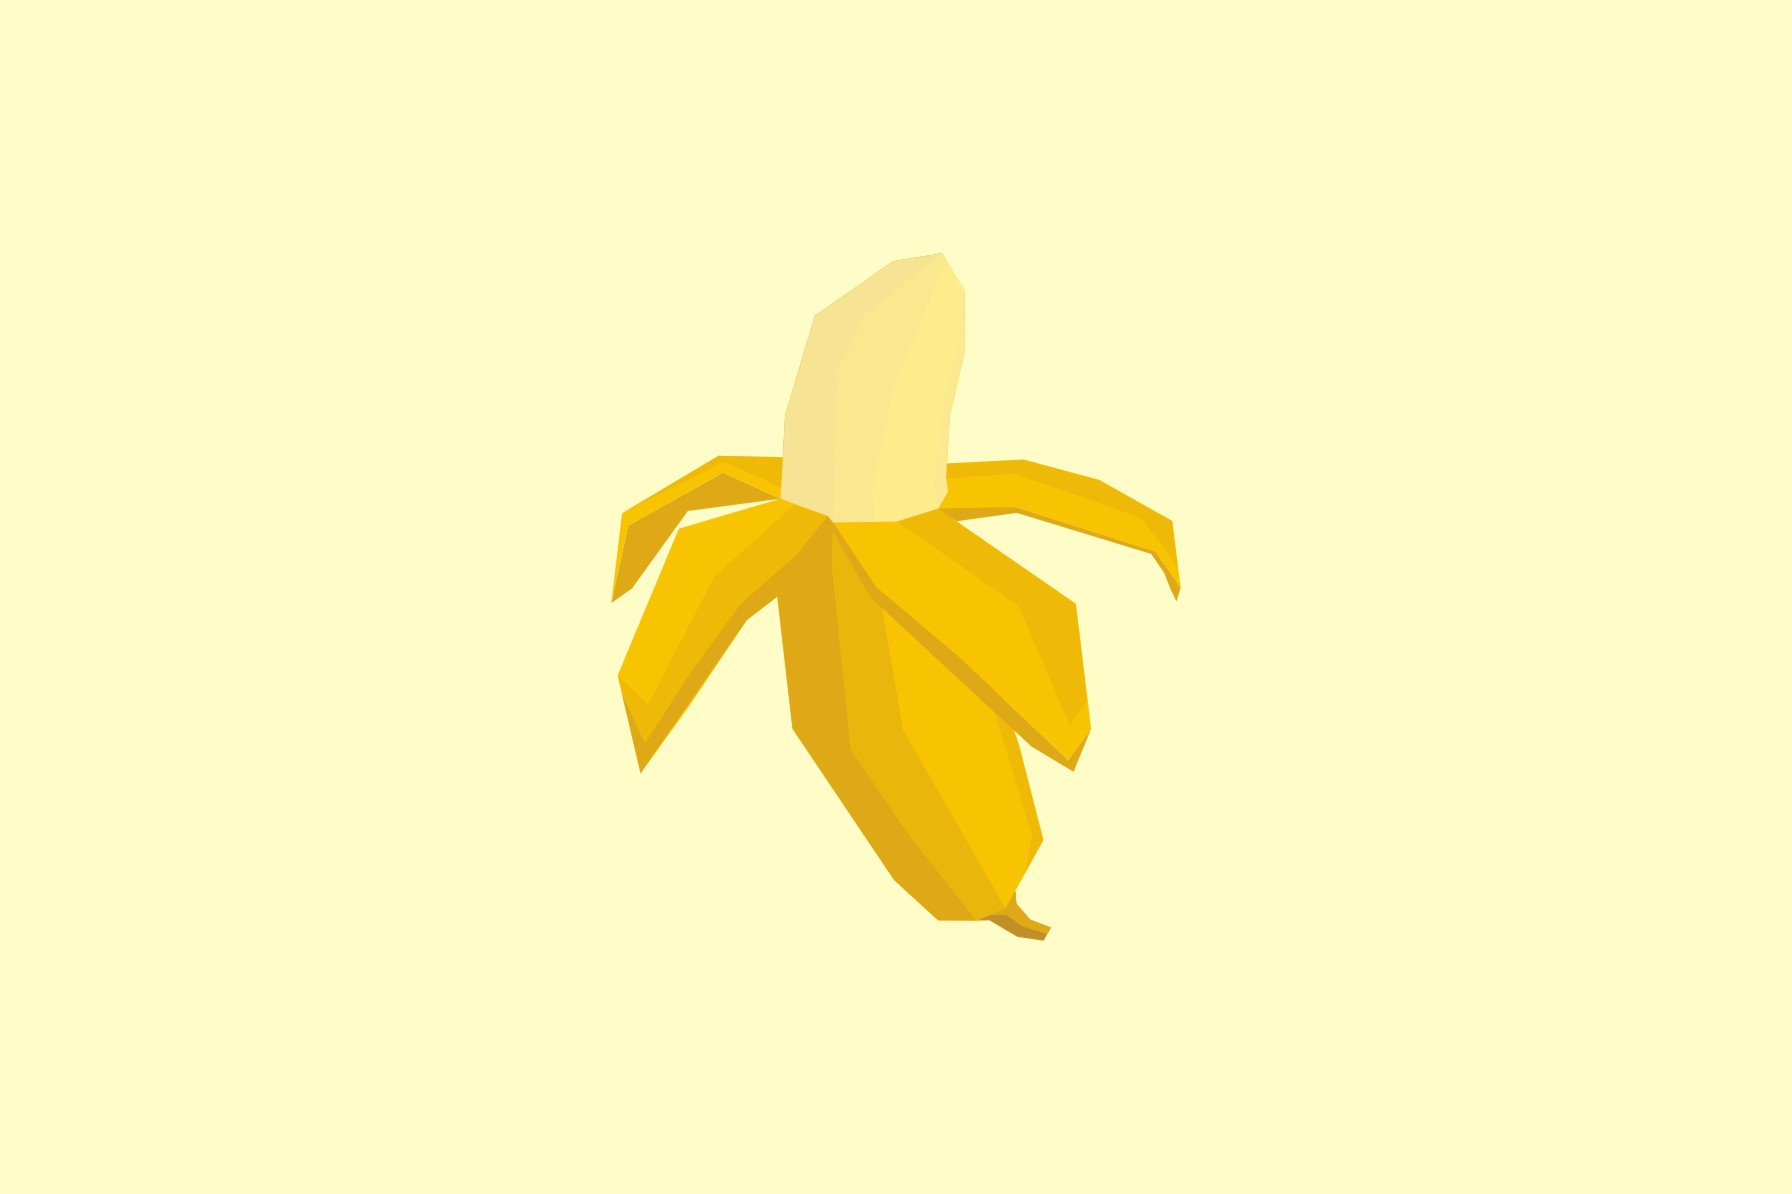 VIDEO: Kulit pisang kecokelatan menjadi kuning mulus kembali